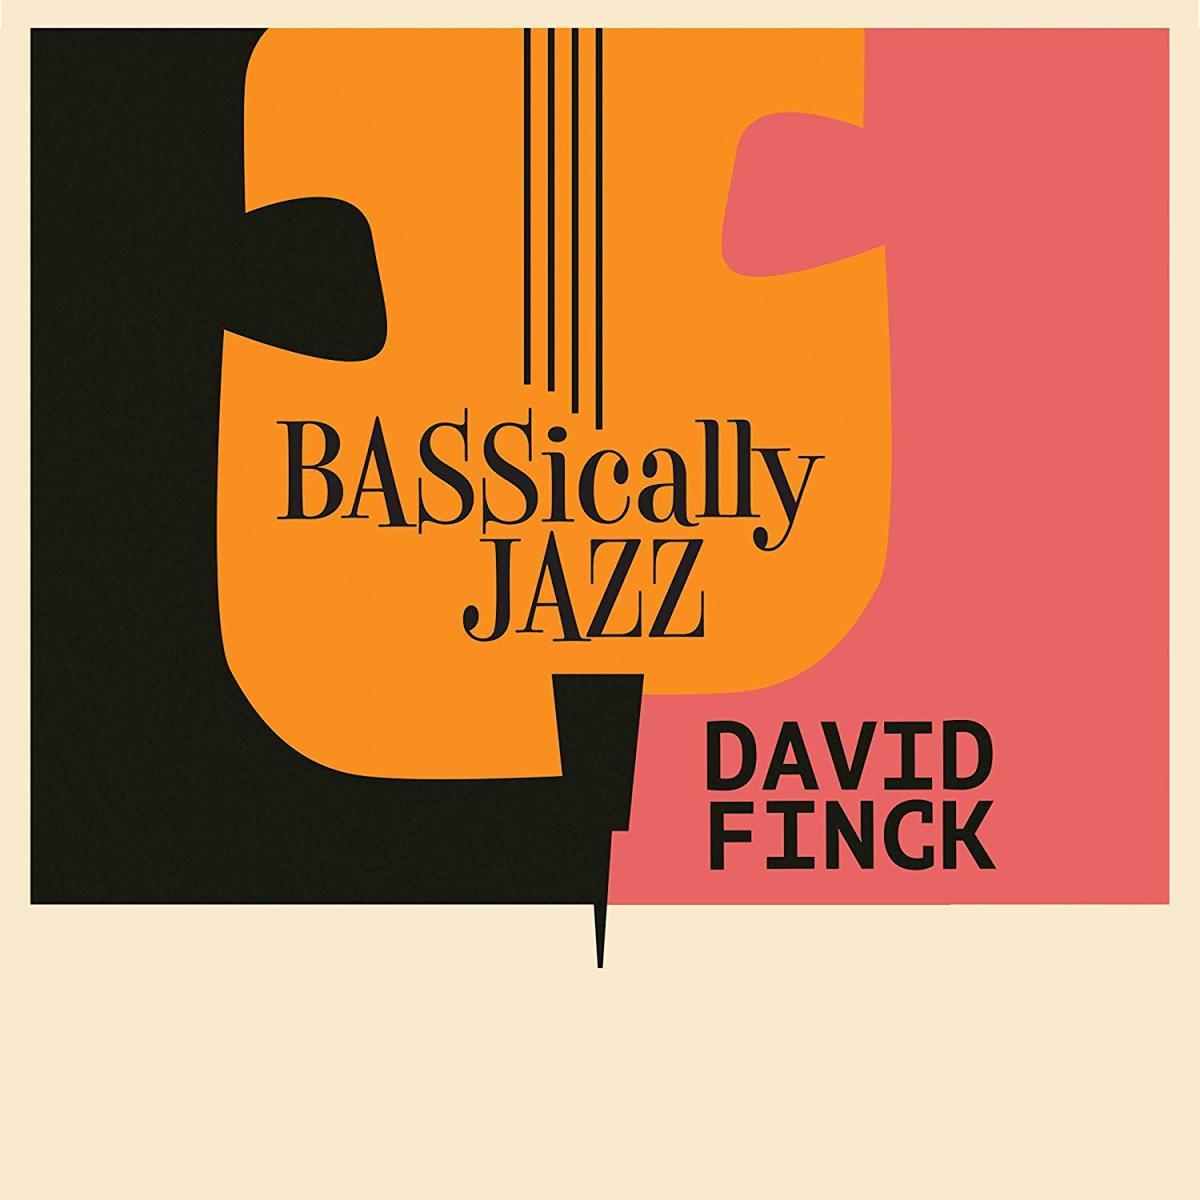 David Finck